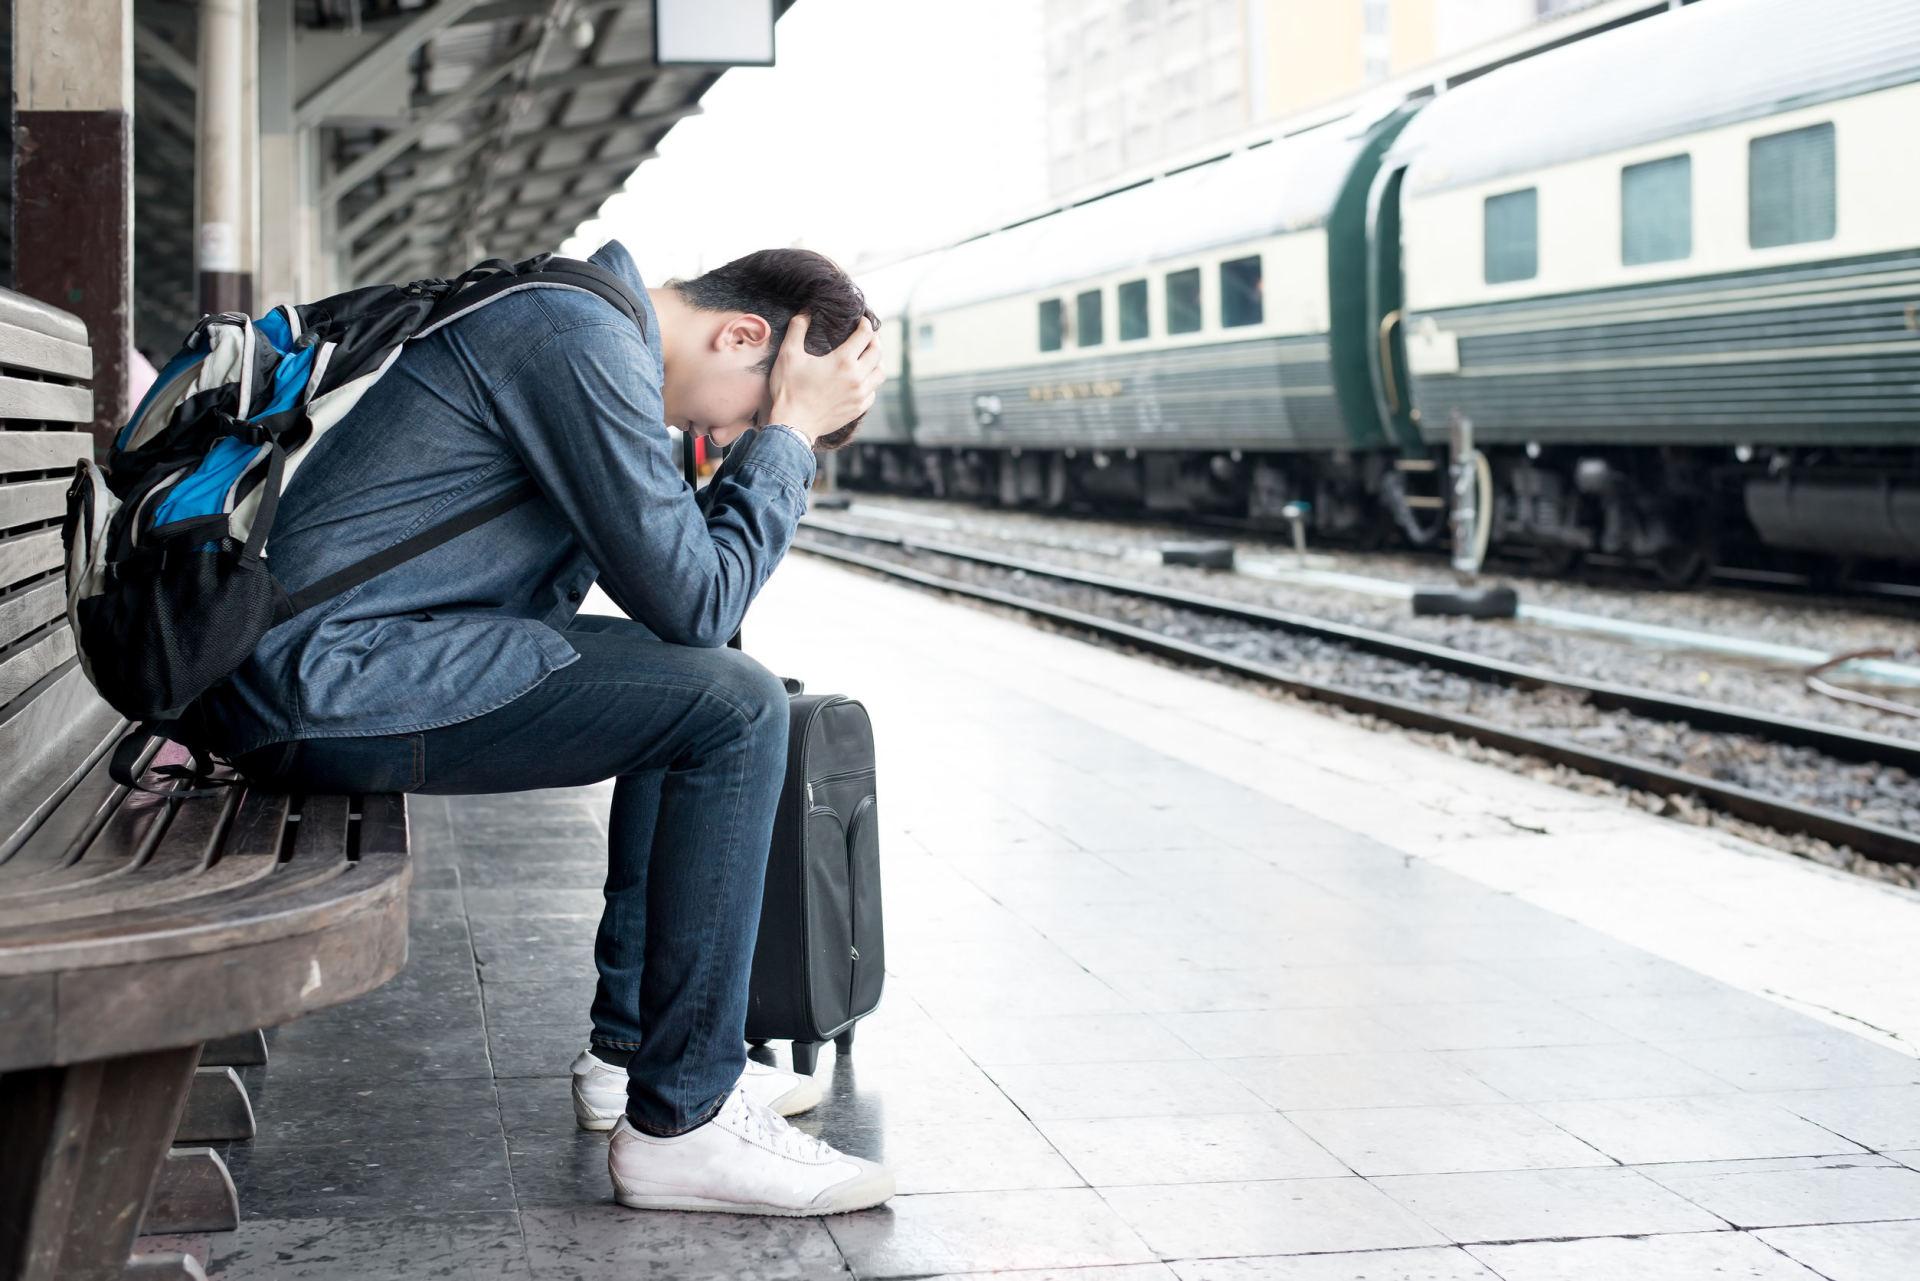 Картинка человек опаздывает на поезд